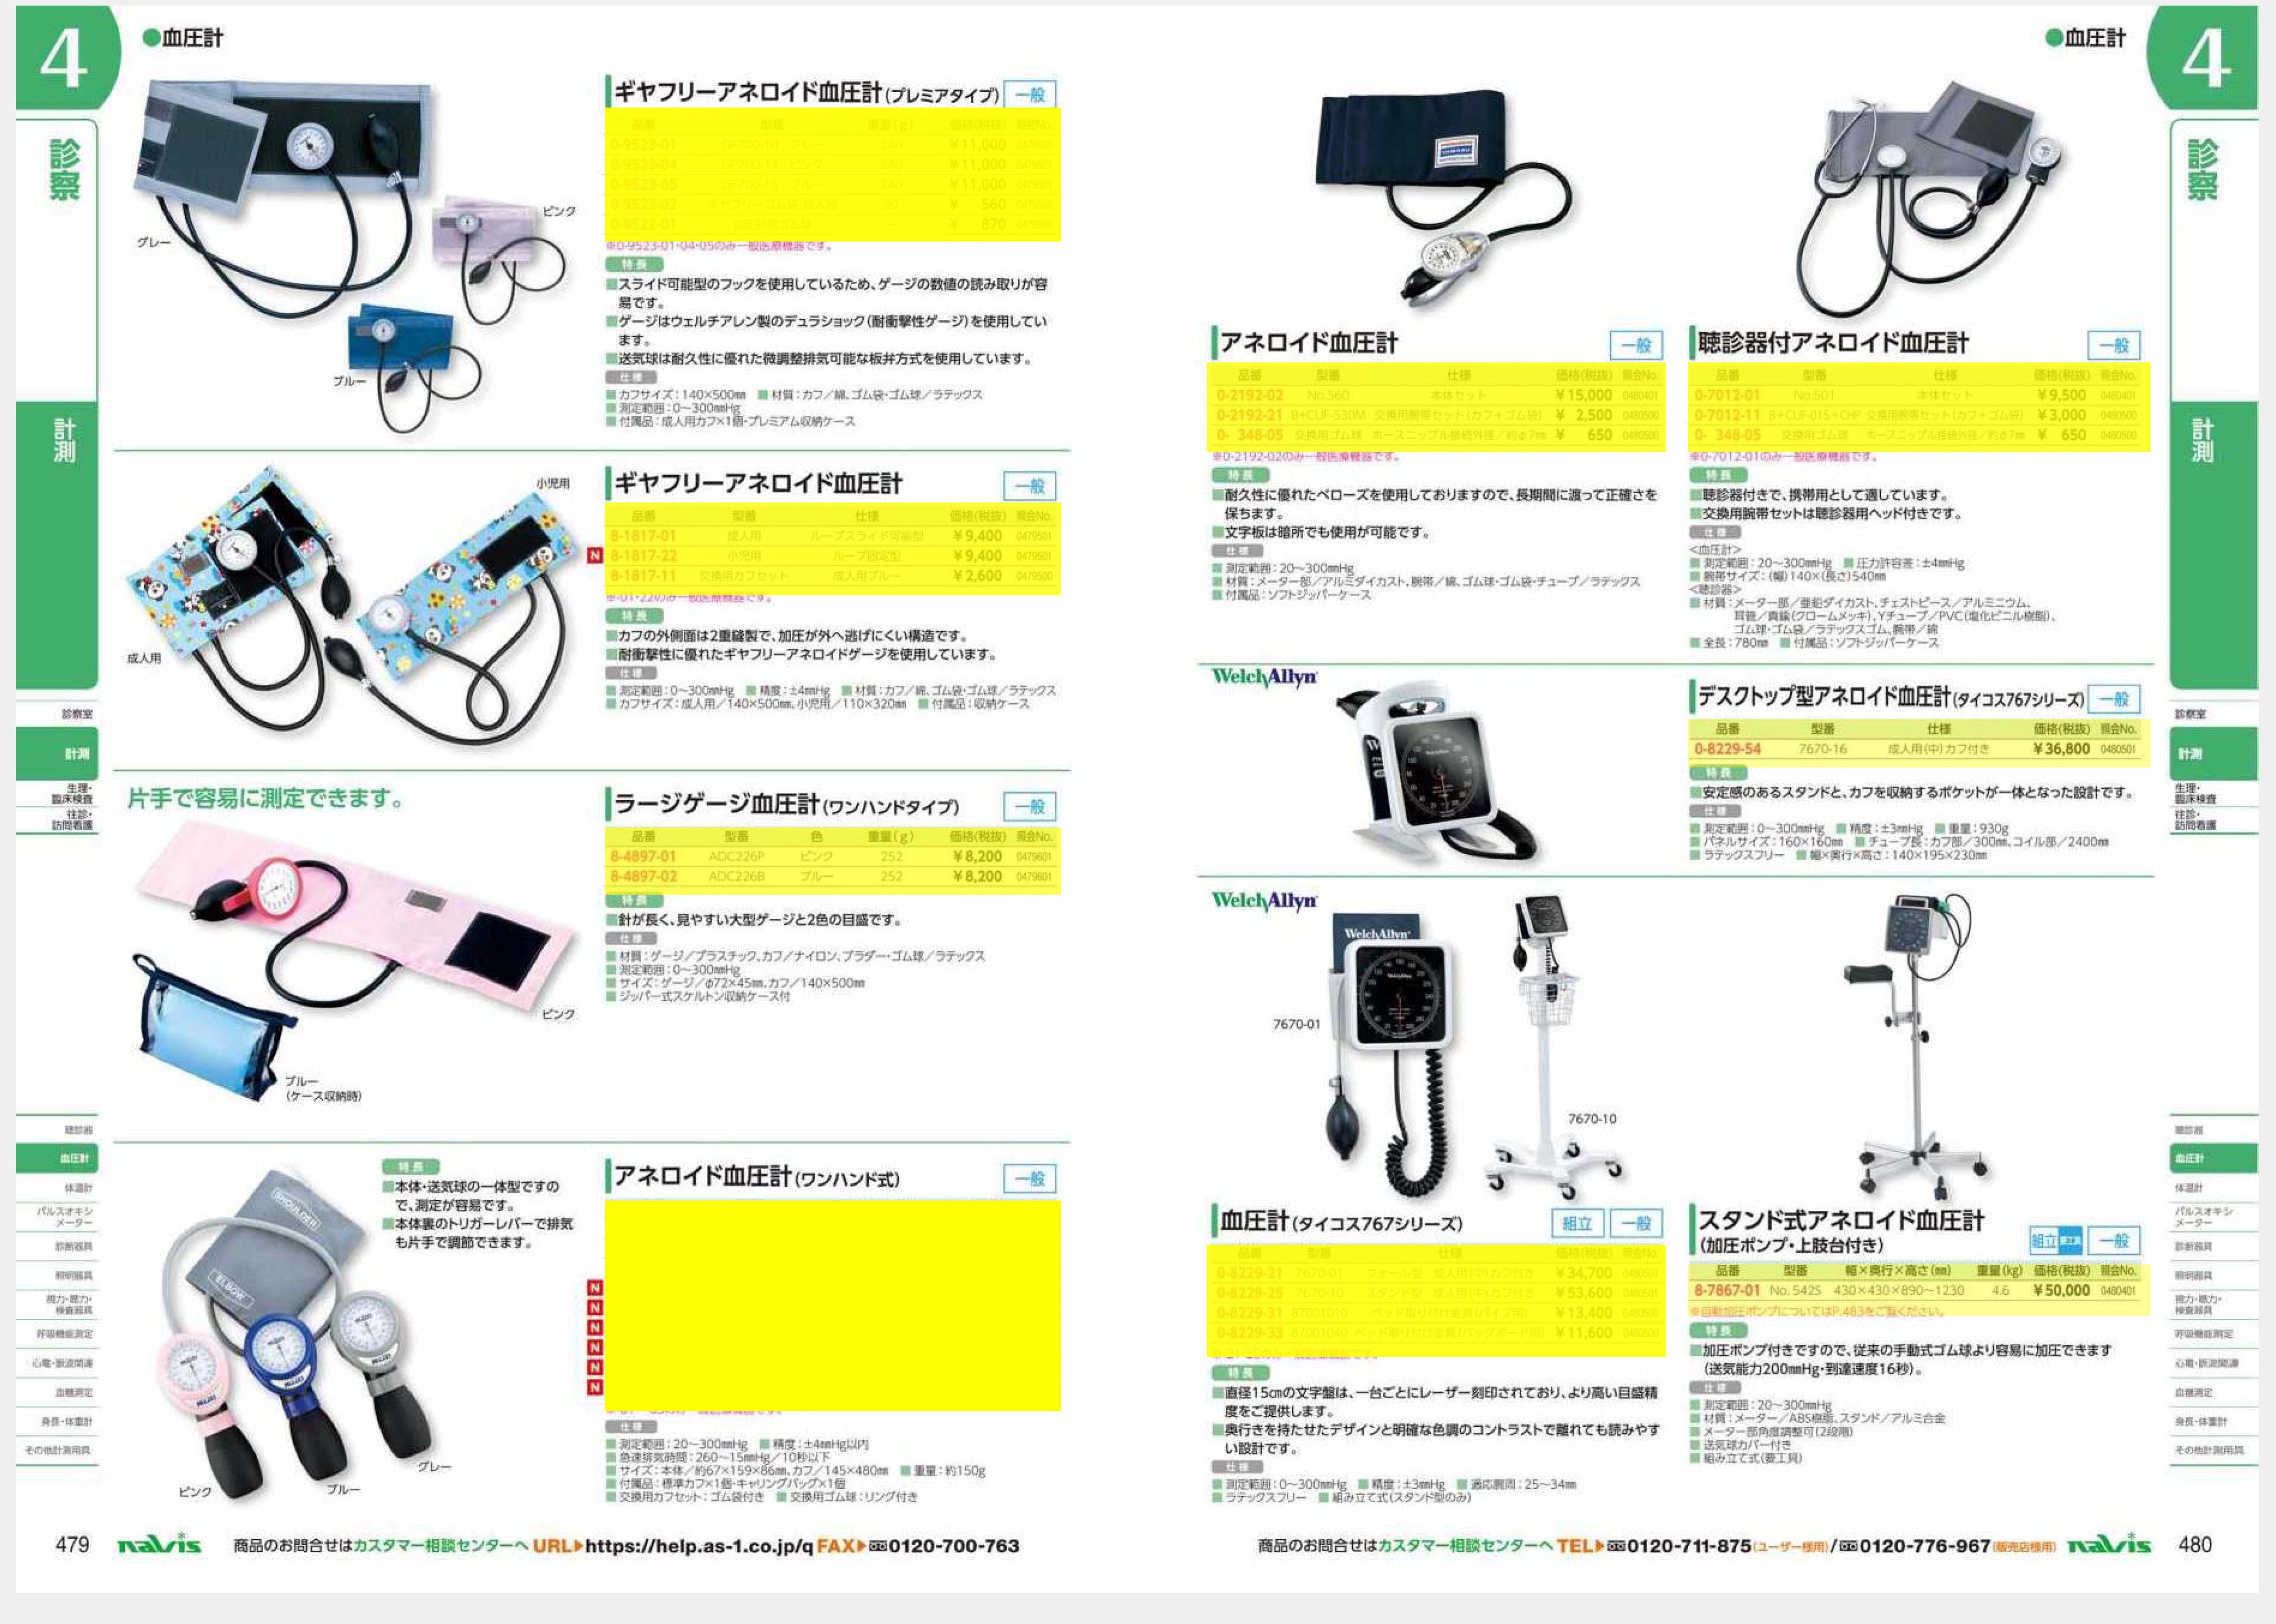 ナビス50000 ウェルチ・アレン 0-8229-31 血圧計[タイコス767シリーズ] 87001010 ベッド取り付け金具(パイプ用)[個](as1-0-8229-31)